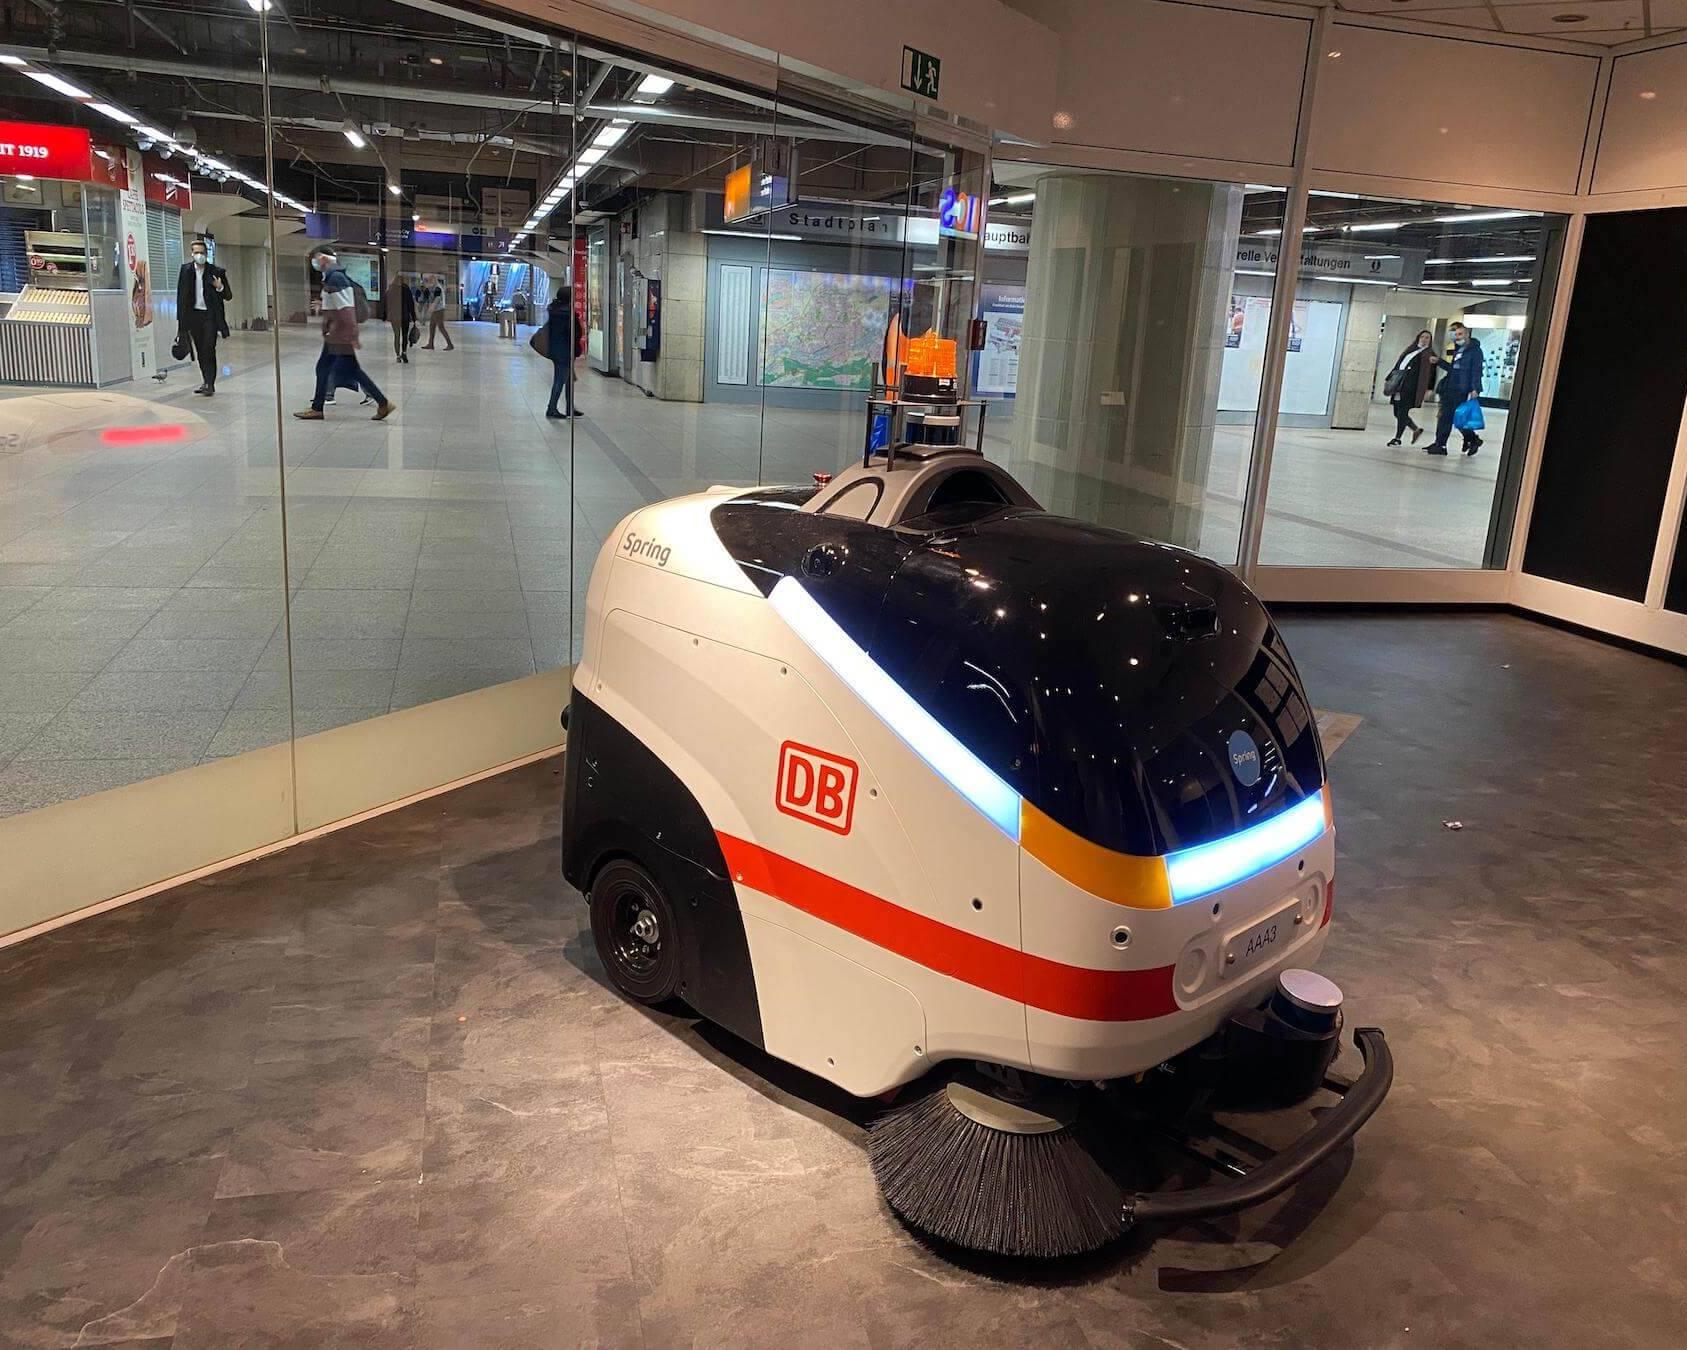 Reinigungsroboter der Deutschen Bahn (DB)